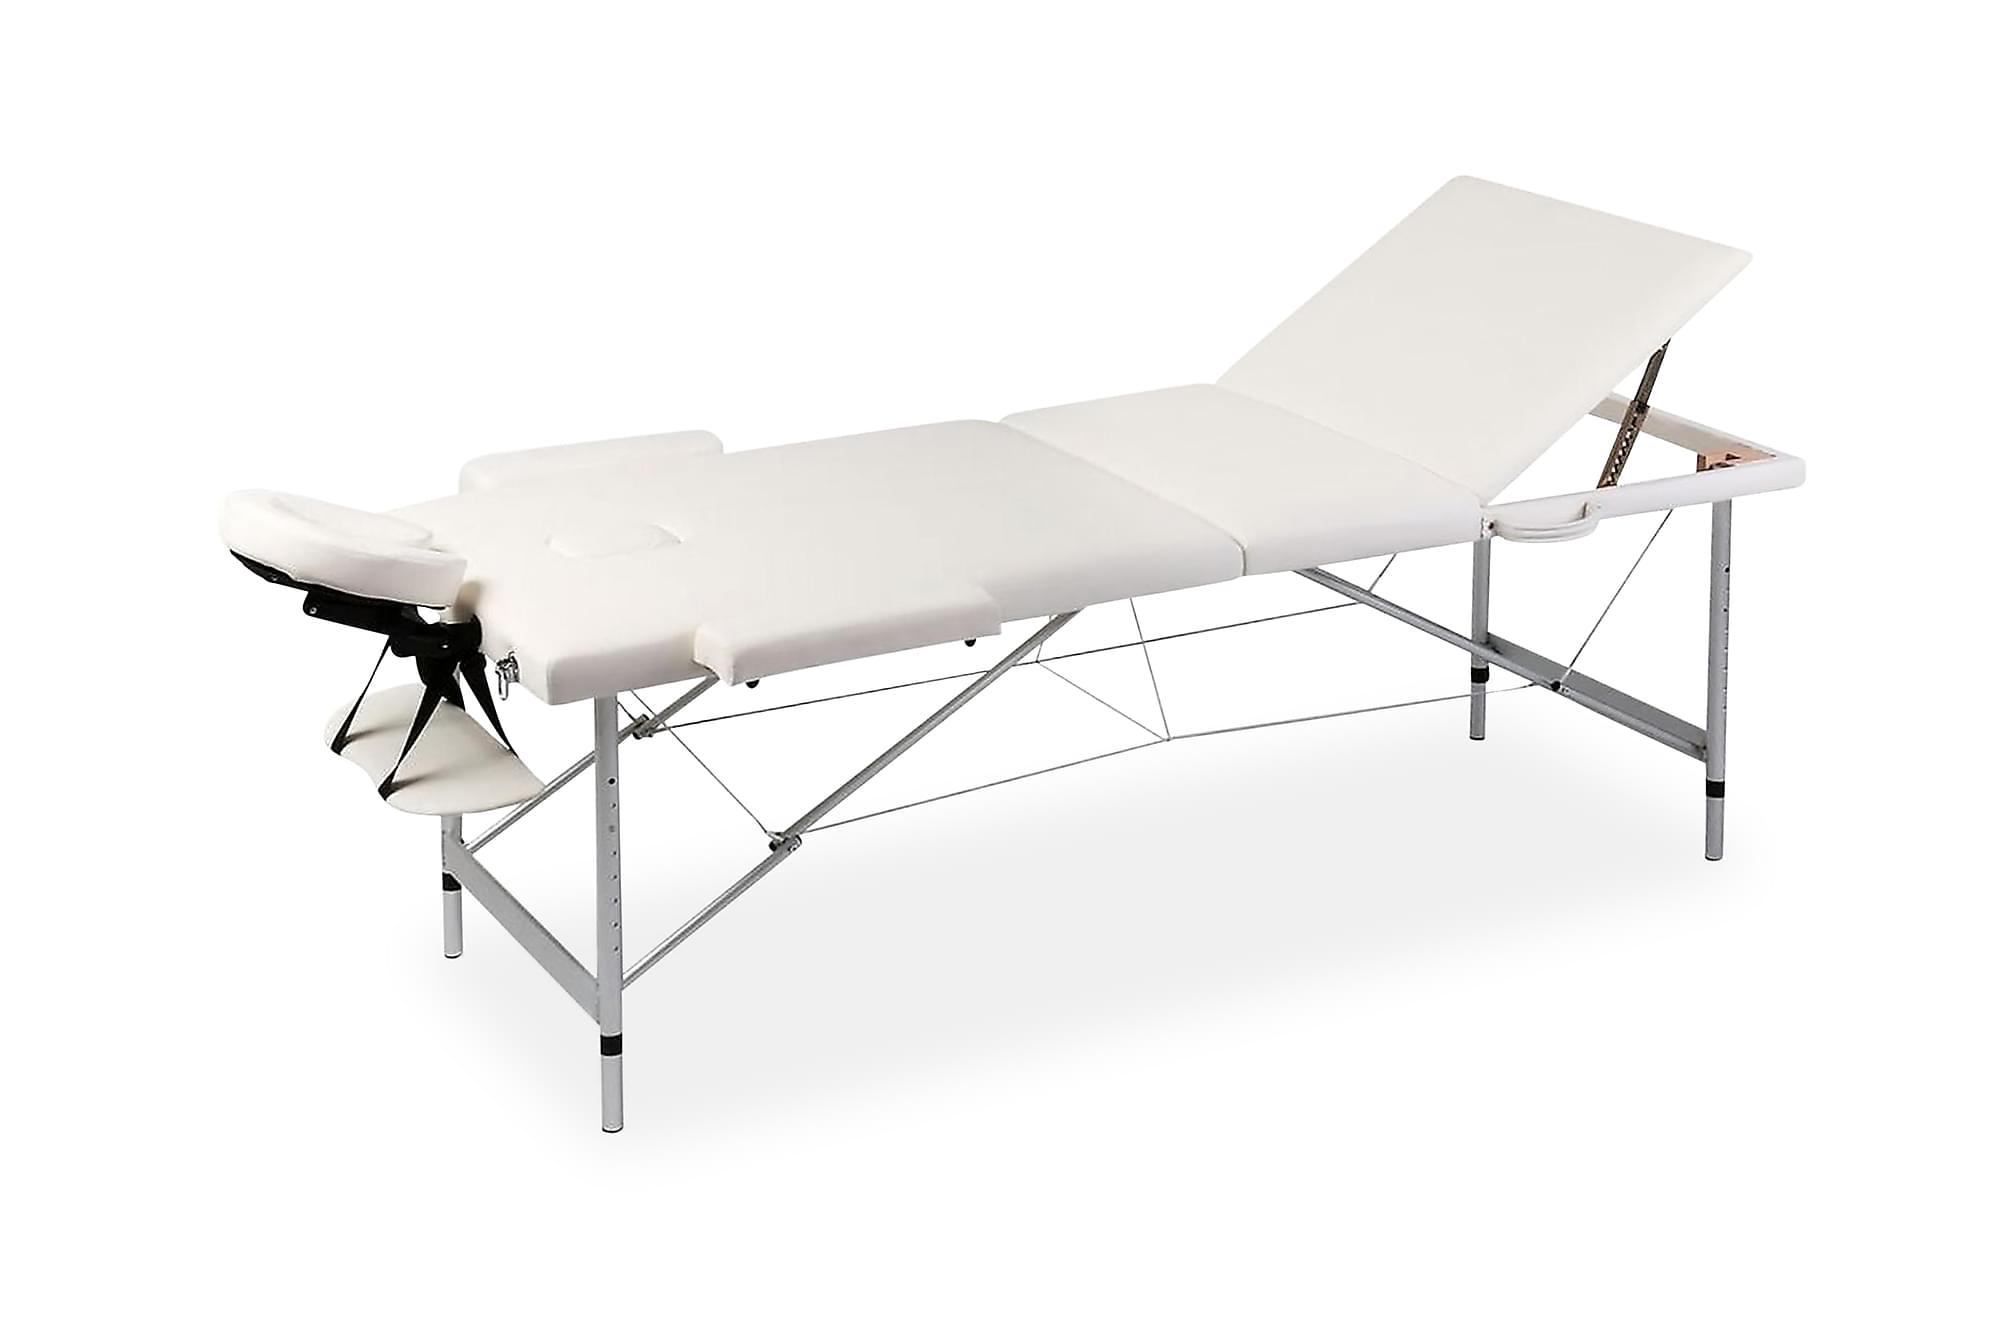 Hopfällbar massagebänk med 3 sektioner aluminiumram gräddvit